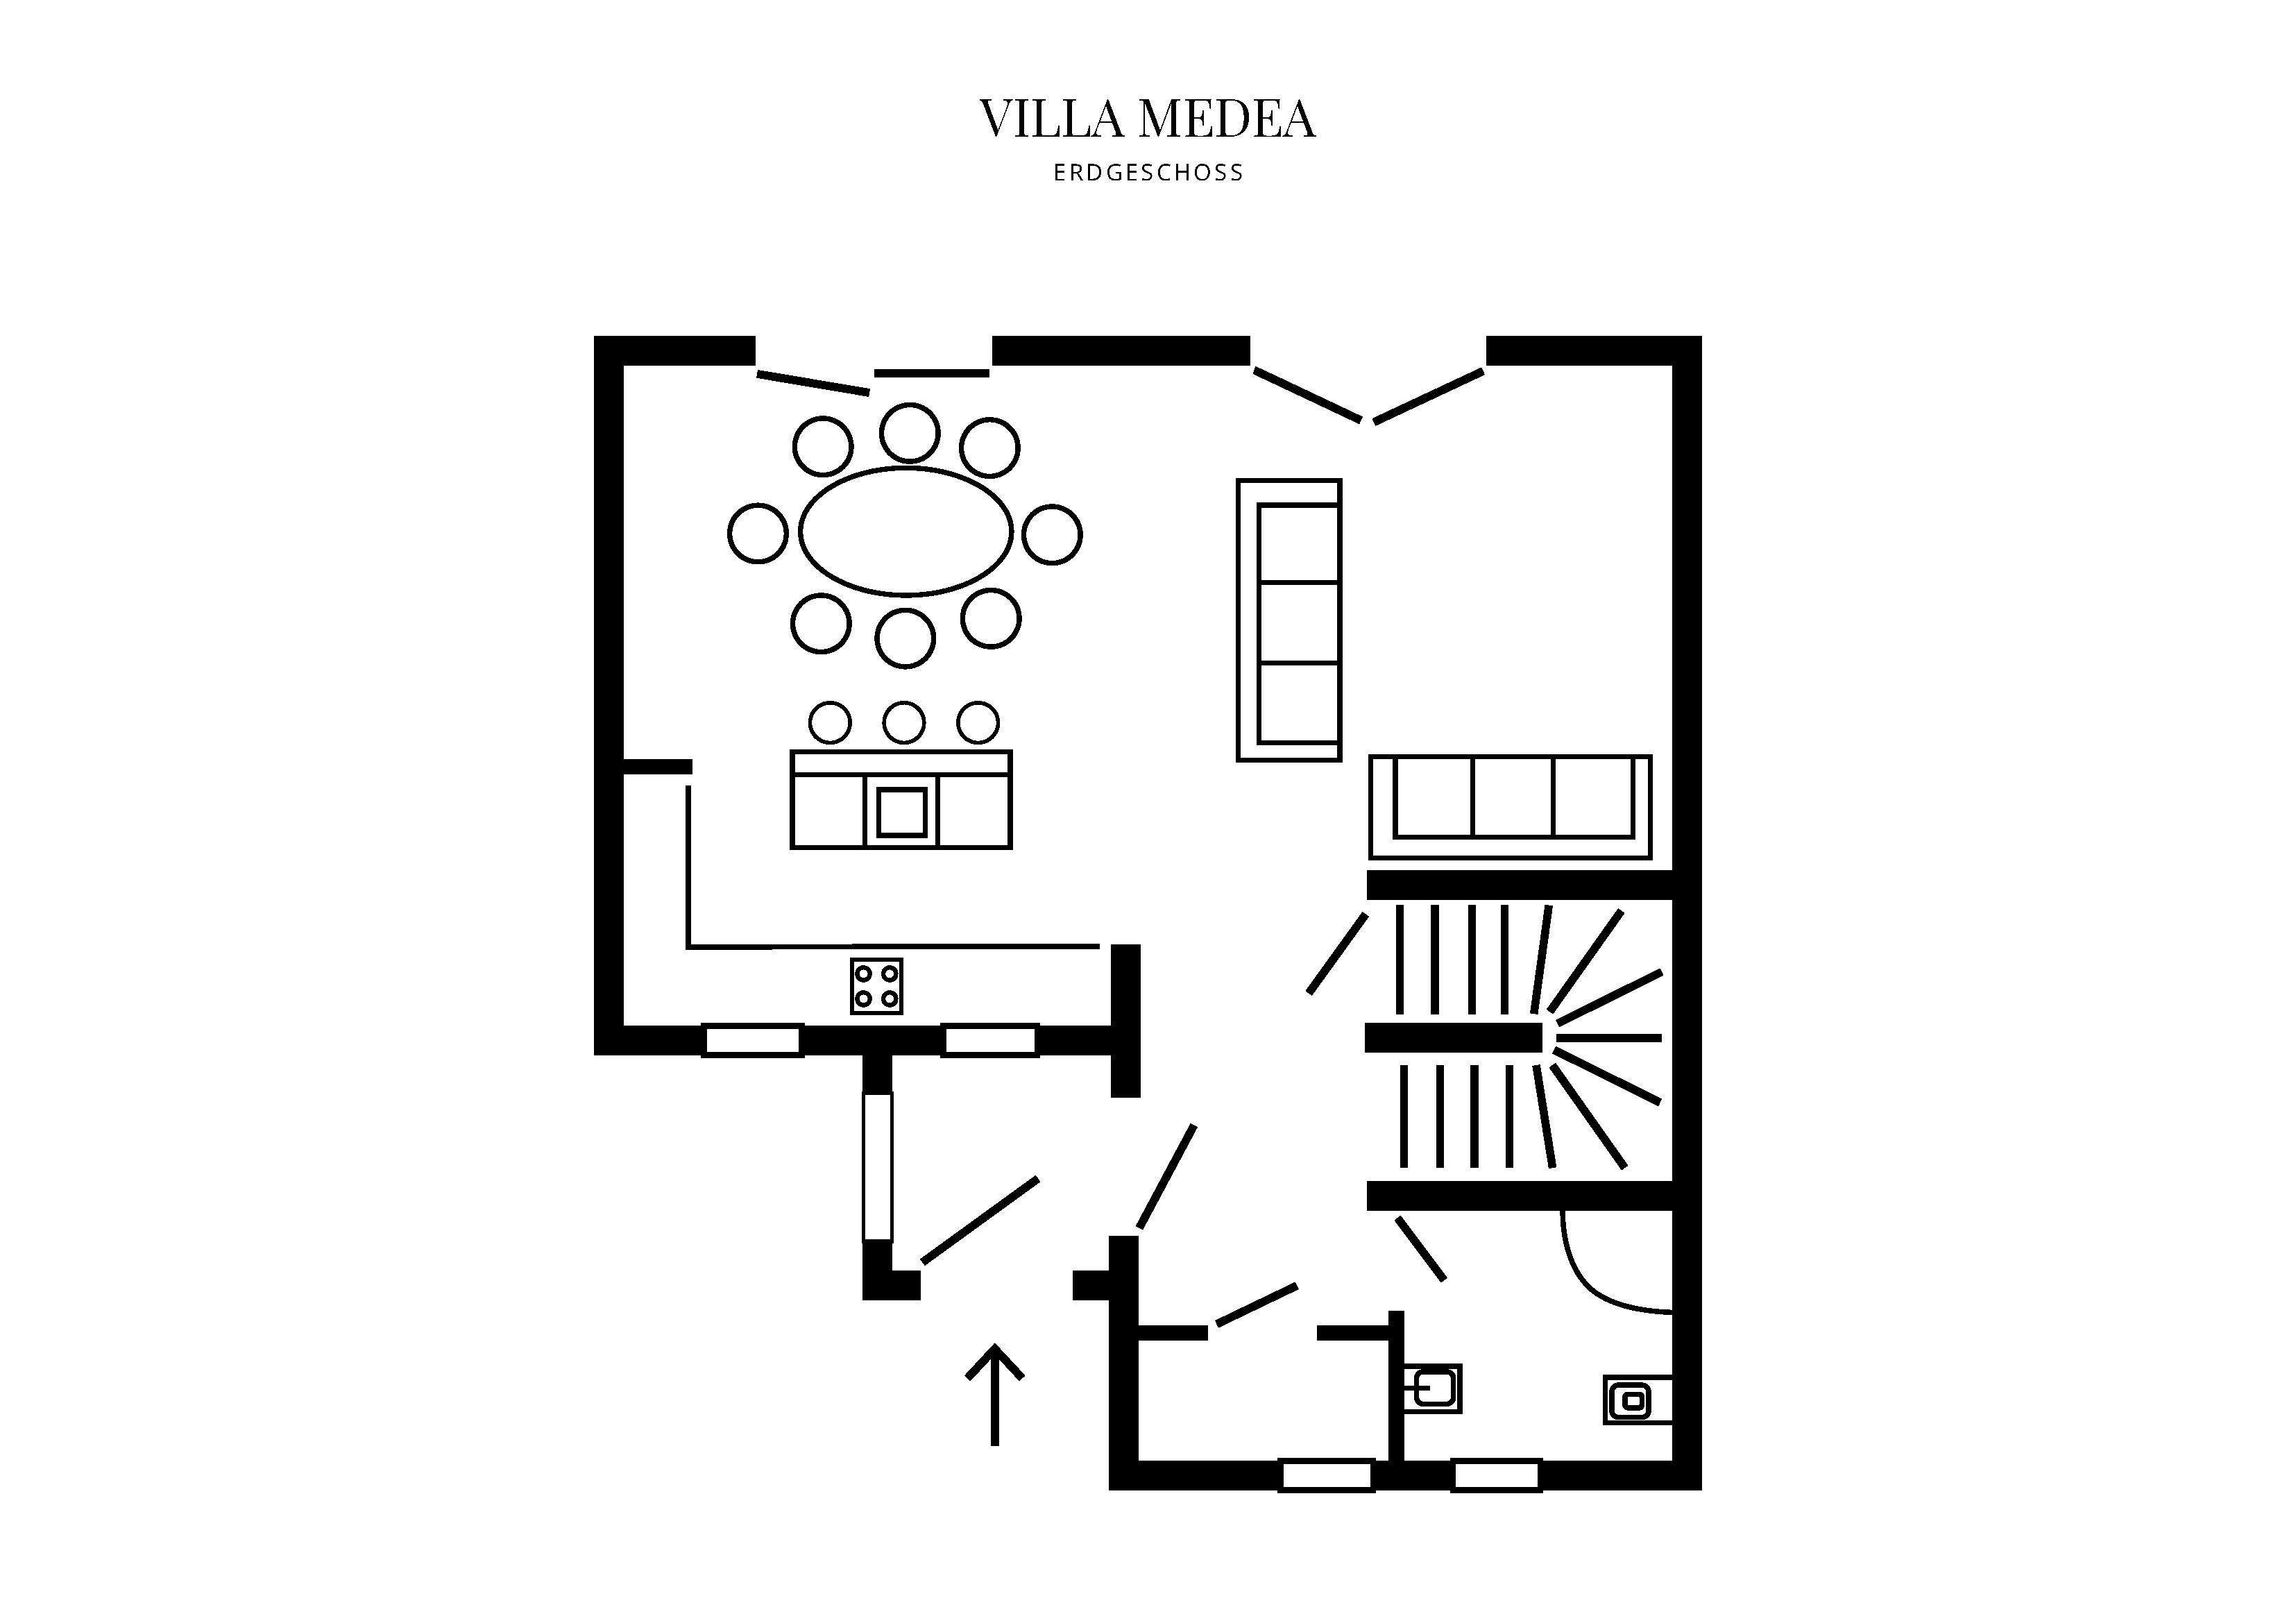 Grafik Grundriss Erdgeschoss Villa Medea